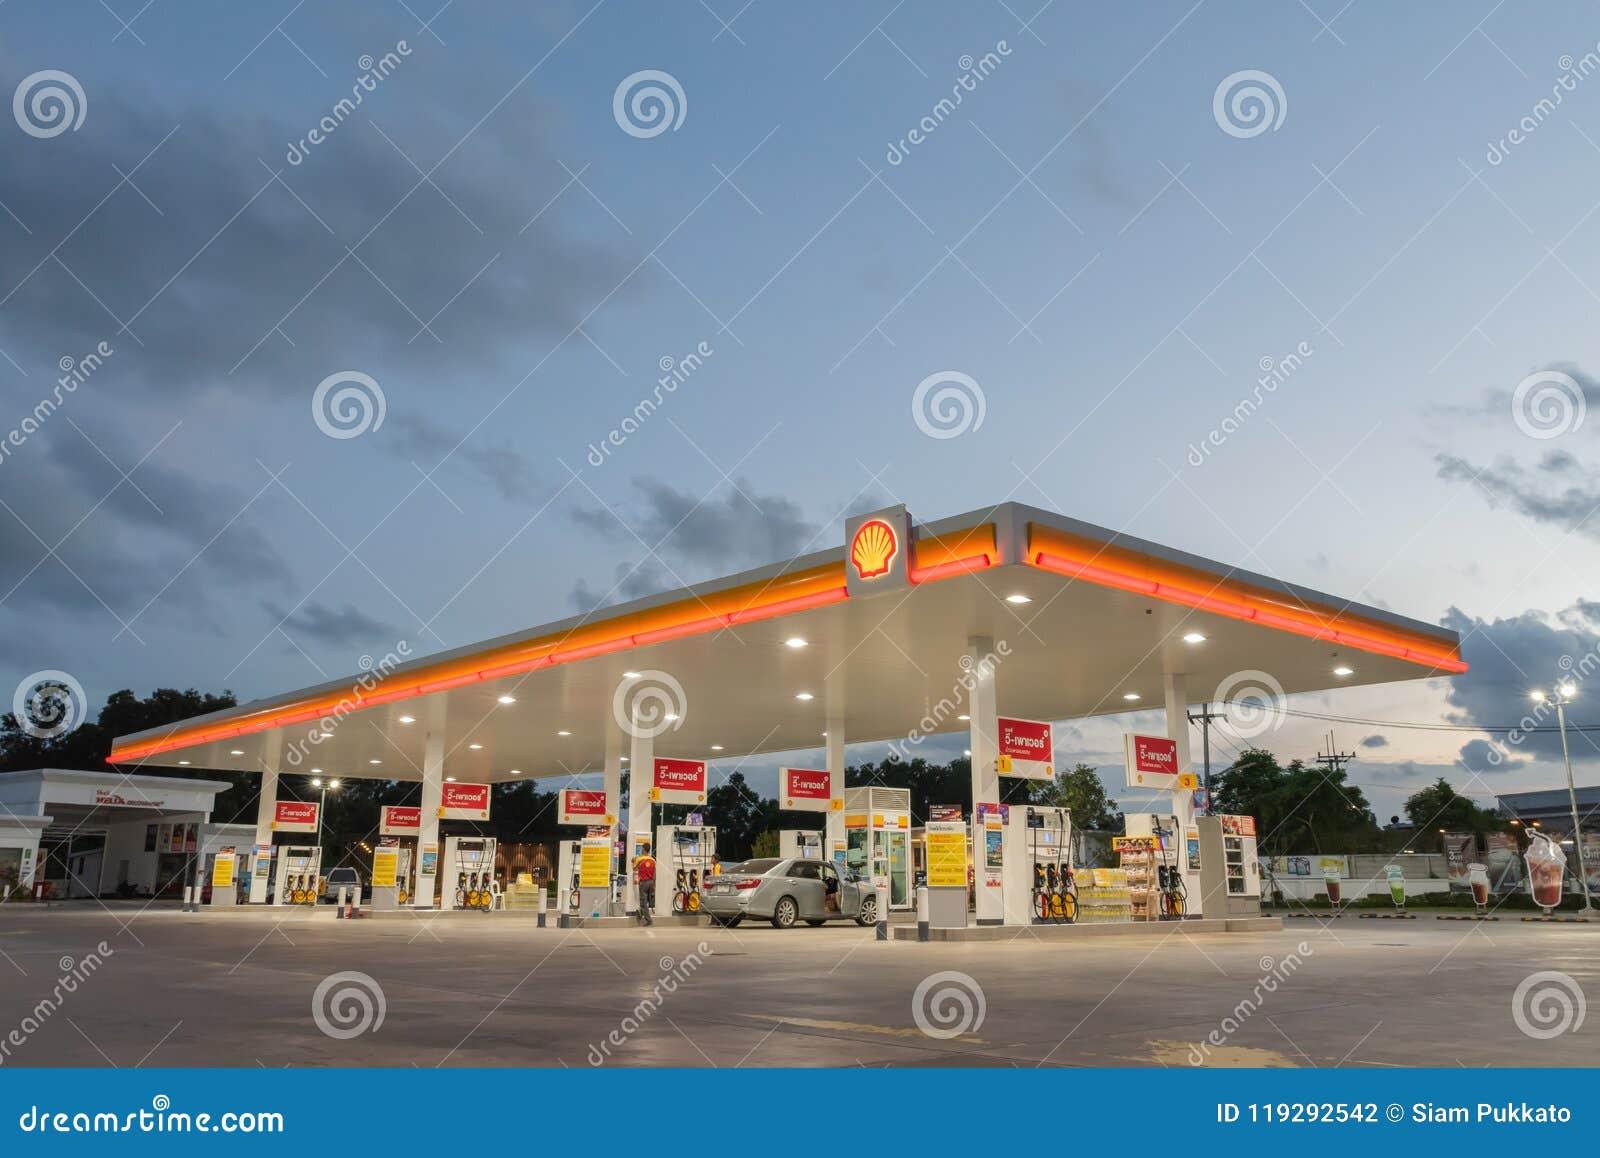 Rayong, Rayong /Thailand - June 17, 2018: Shell gas station